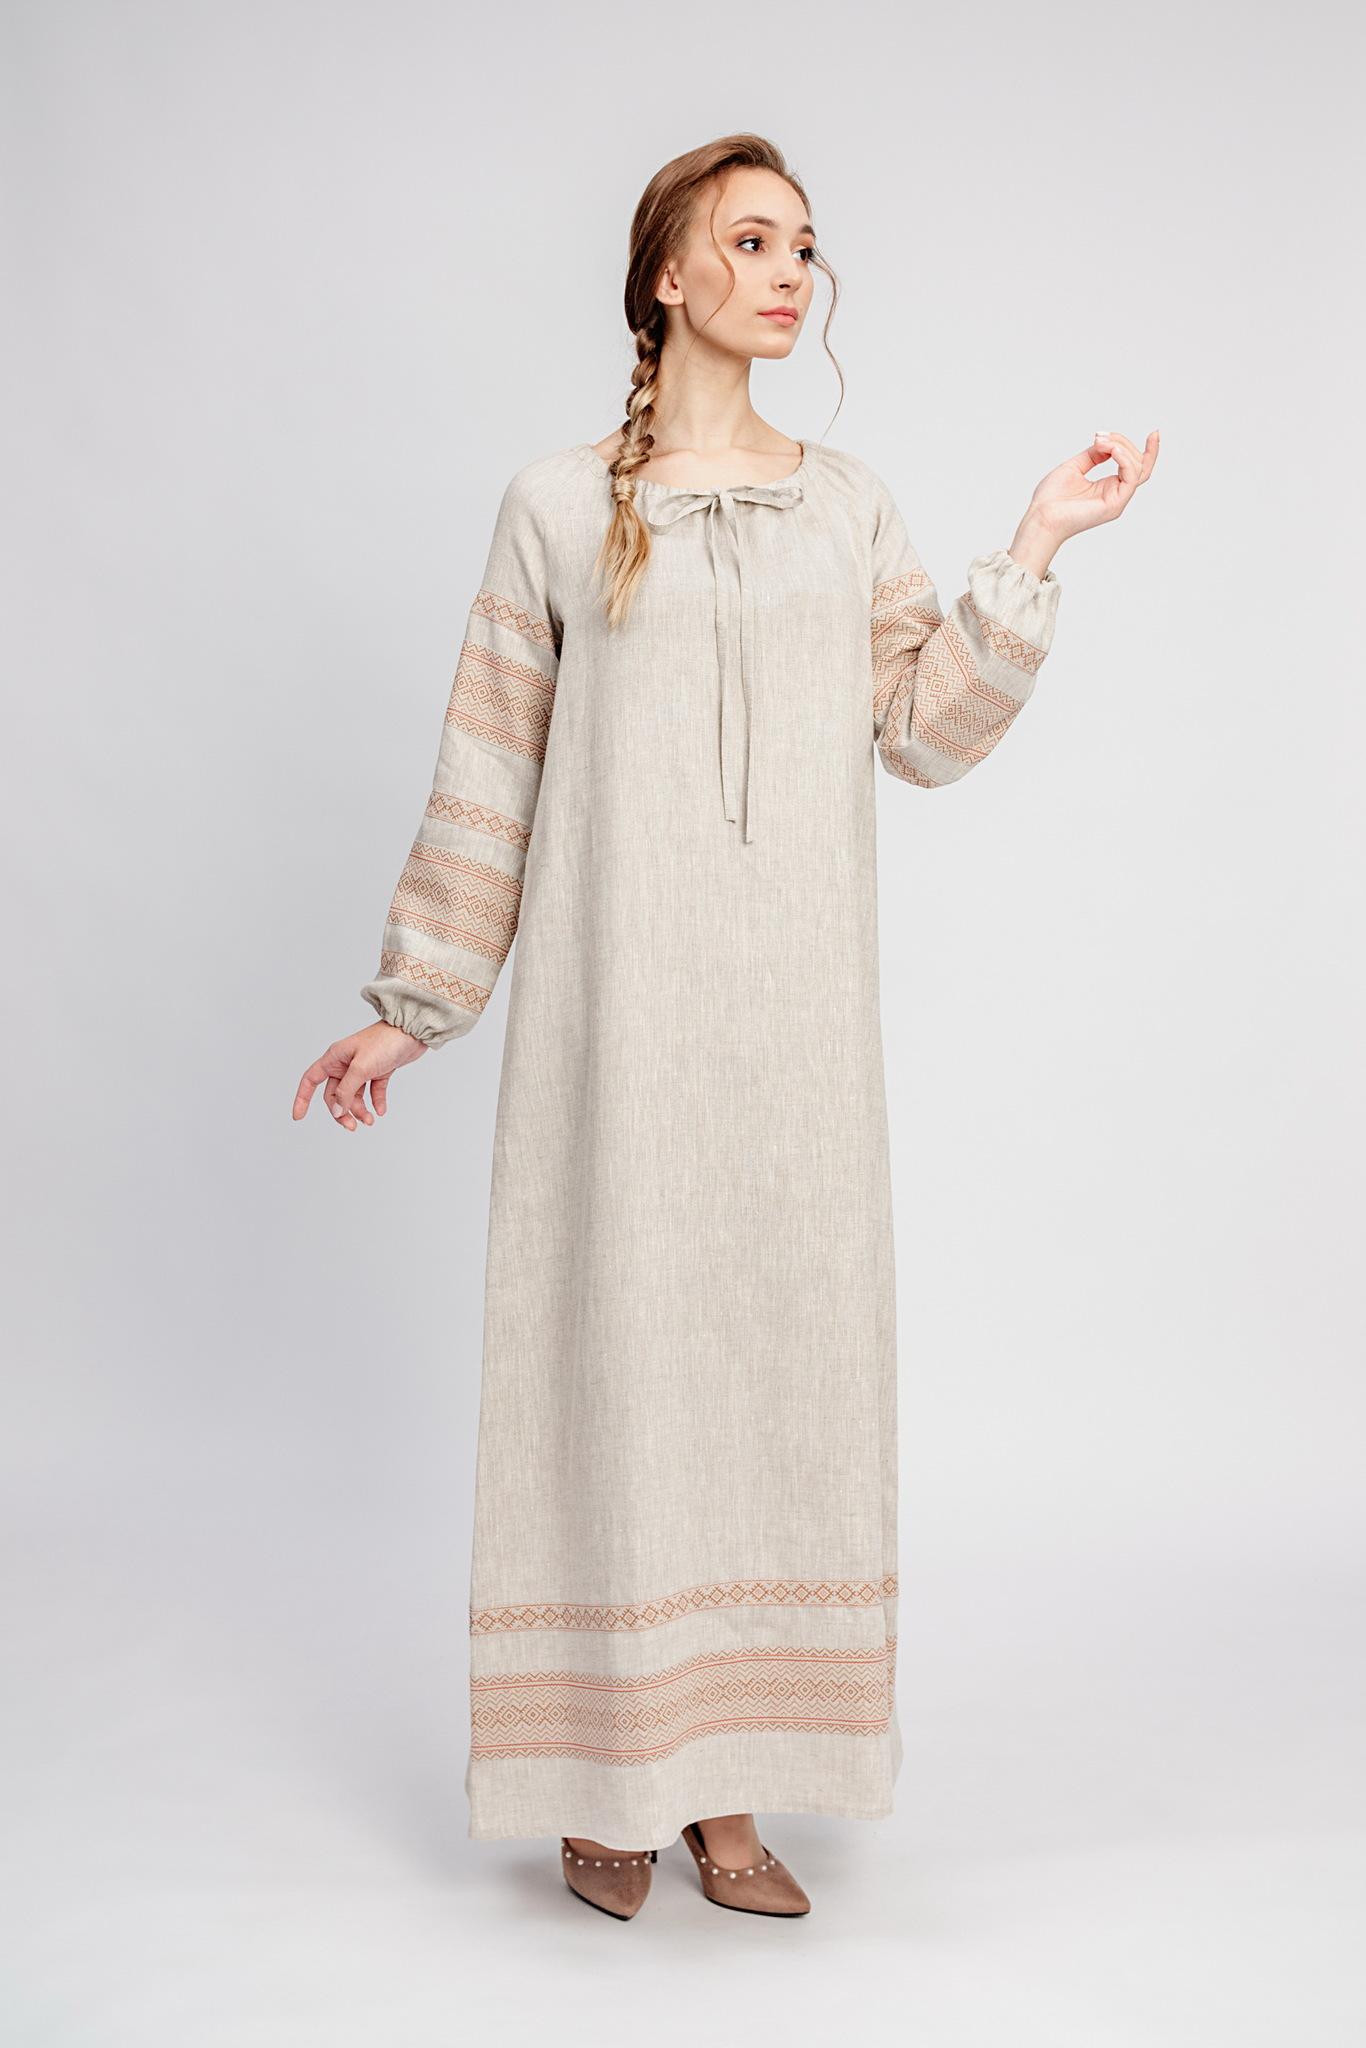 Льняное платье в русском стиле Лада